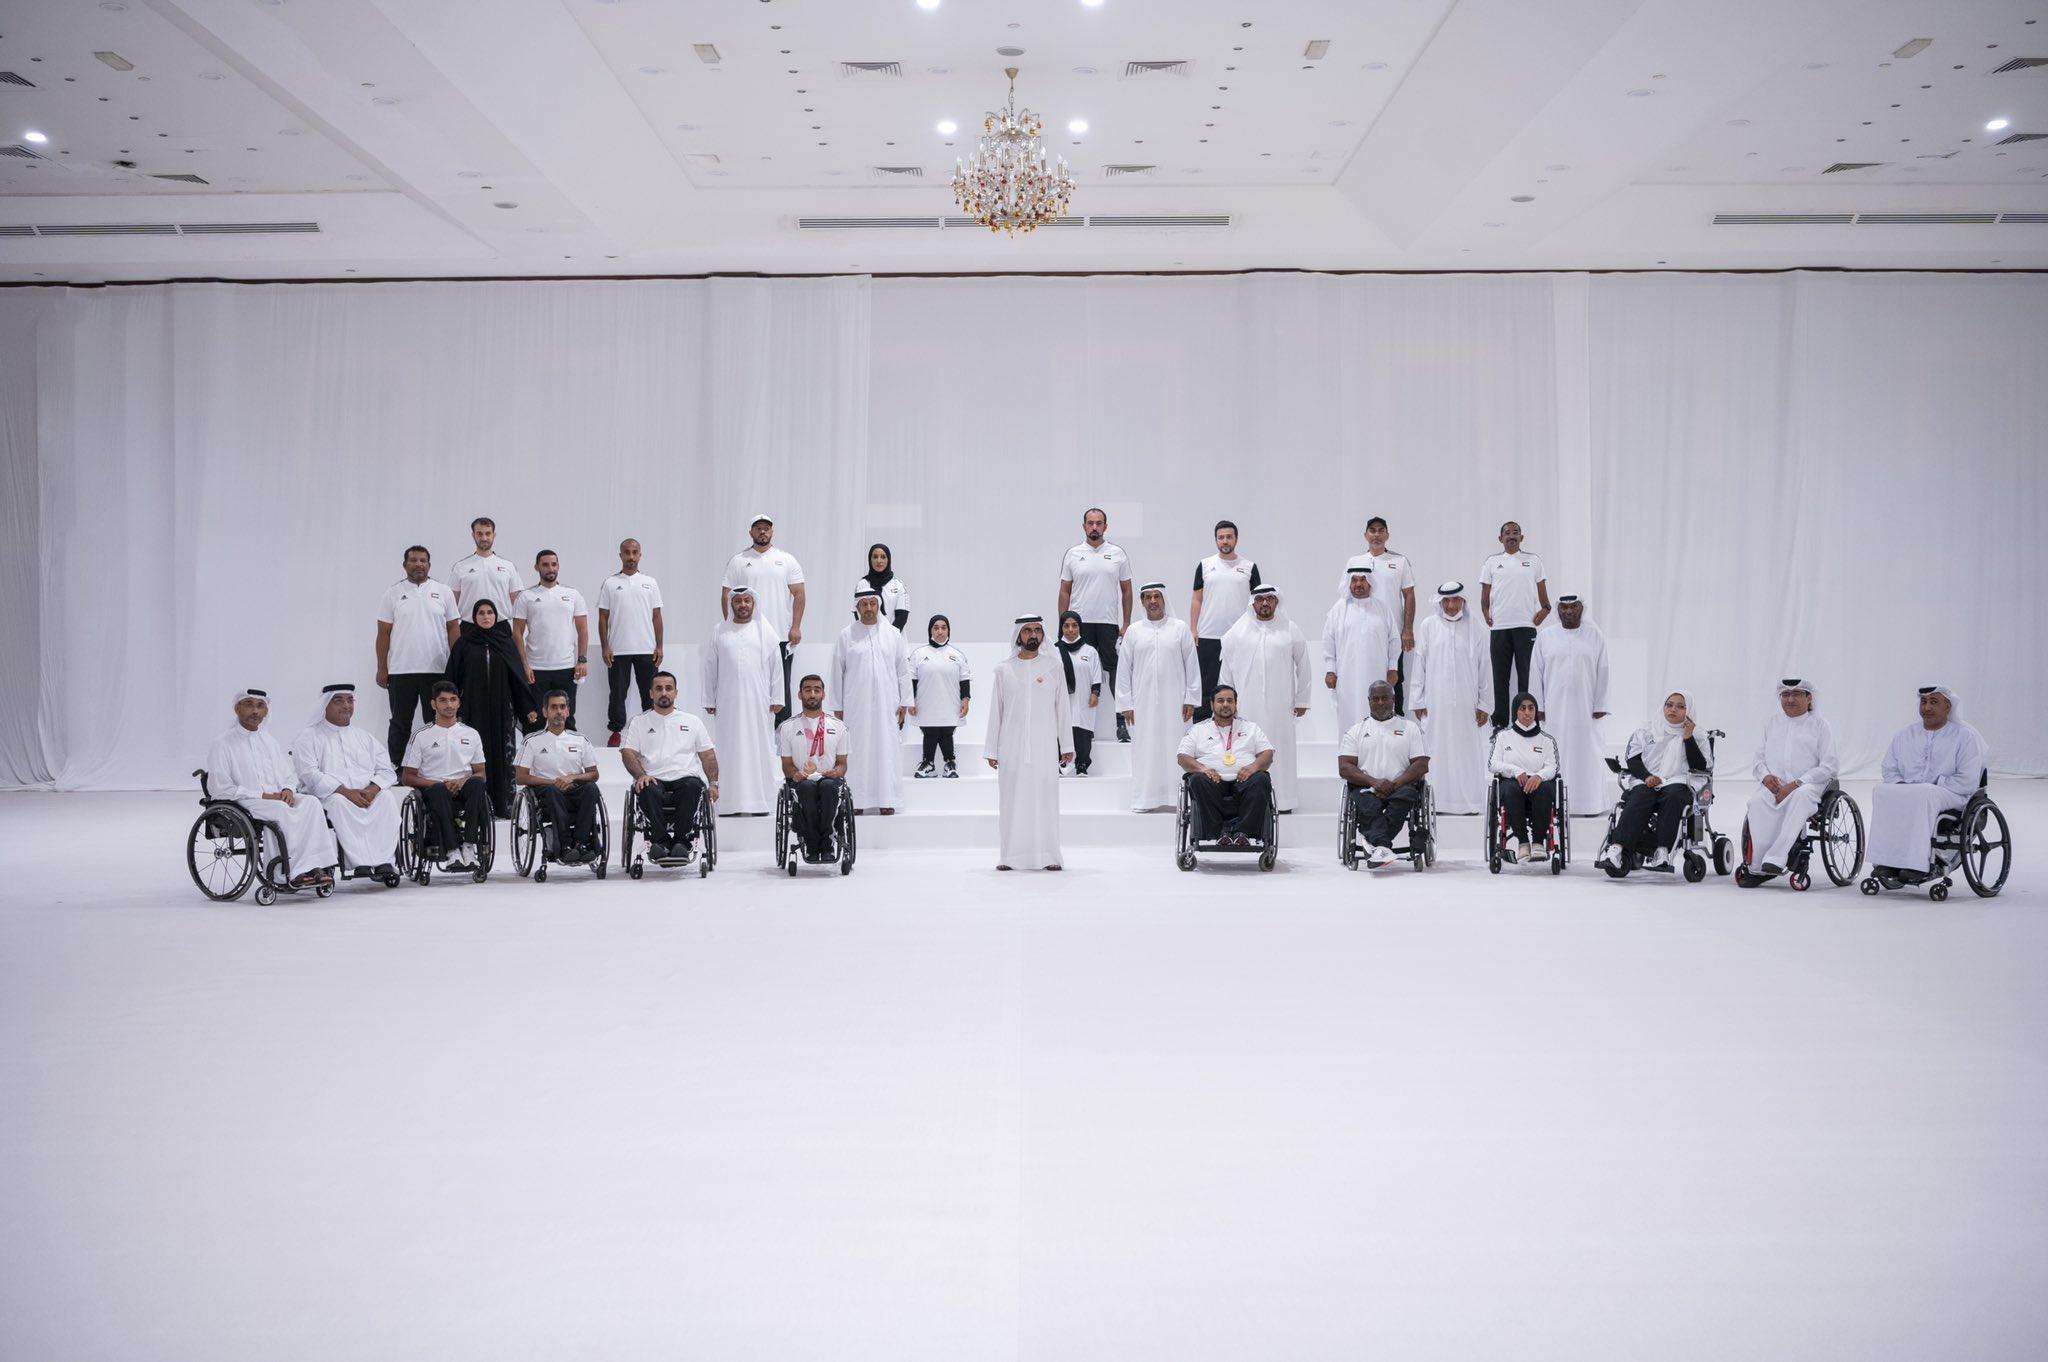 """صورة محمد بن راشد يستقبل أبطال """"البارالمبية"""" ويهنئهم على إنجازاتهم المشرفة في دورة طوكيو"""